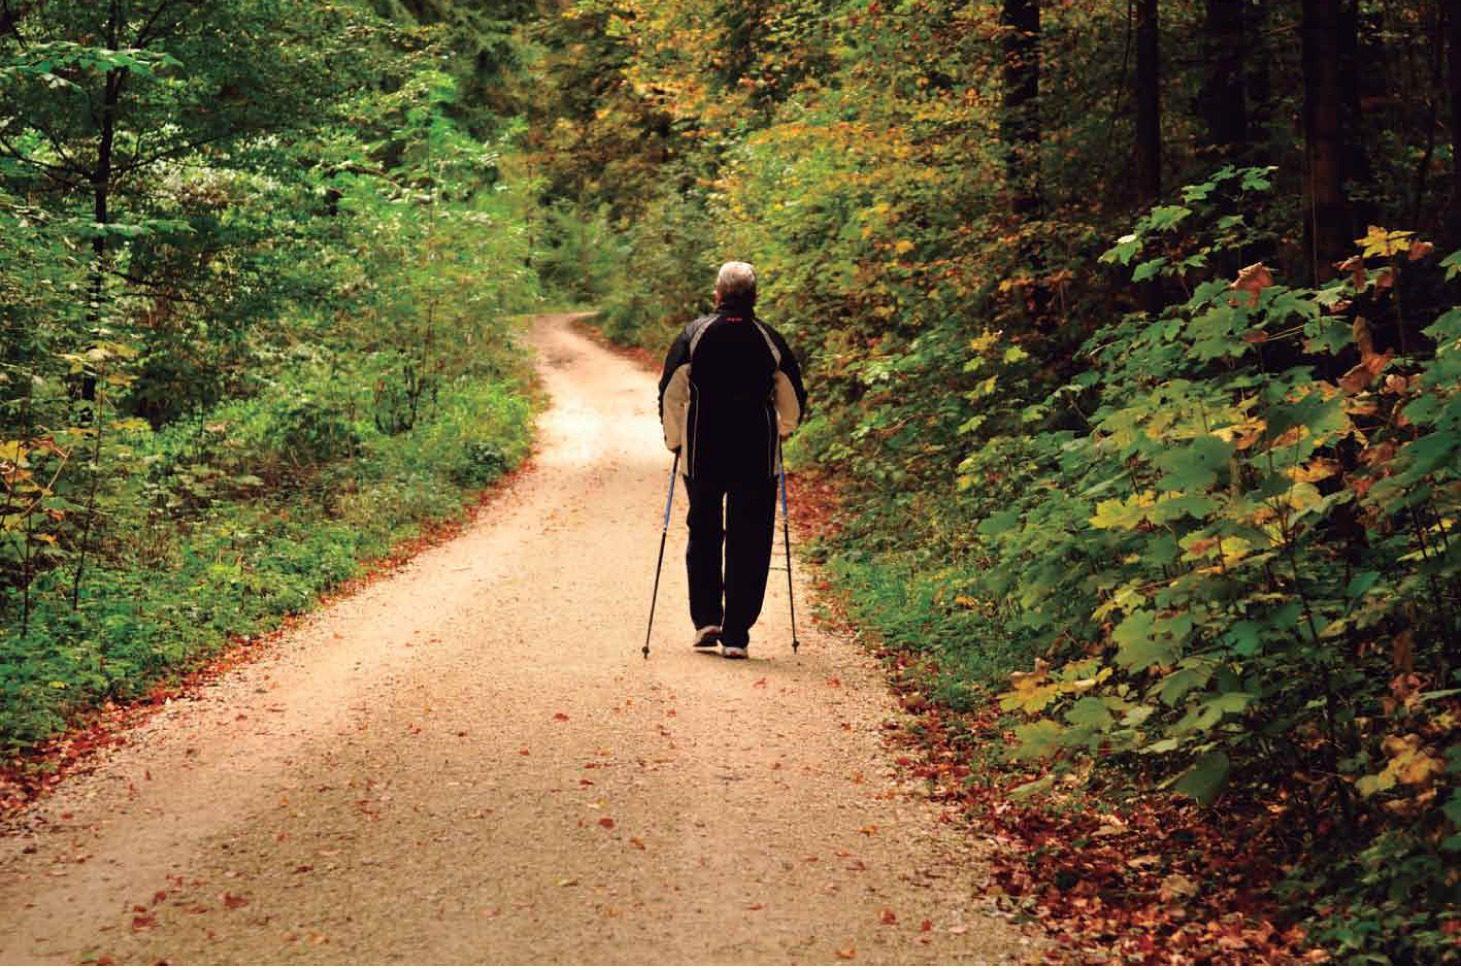 Sólo caminar ya nos sirve para activar mente y cuerpo... ¿Probamos hoy mismo?